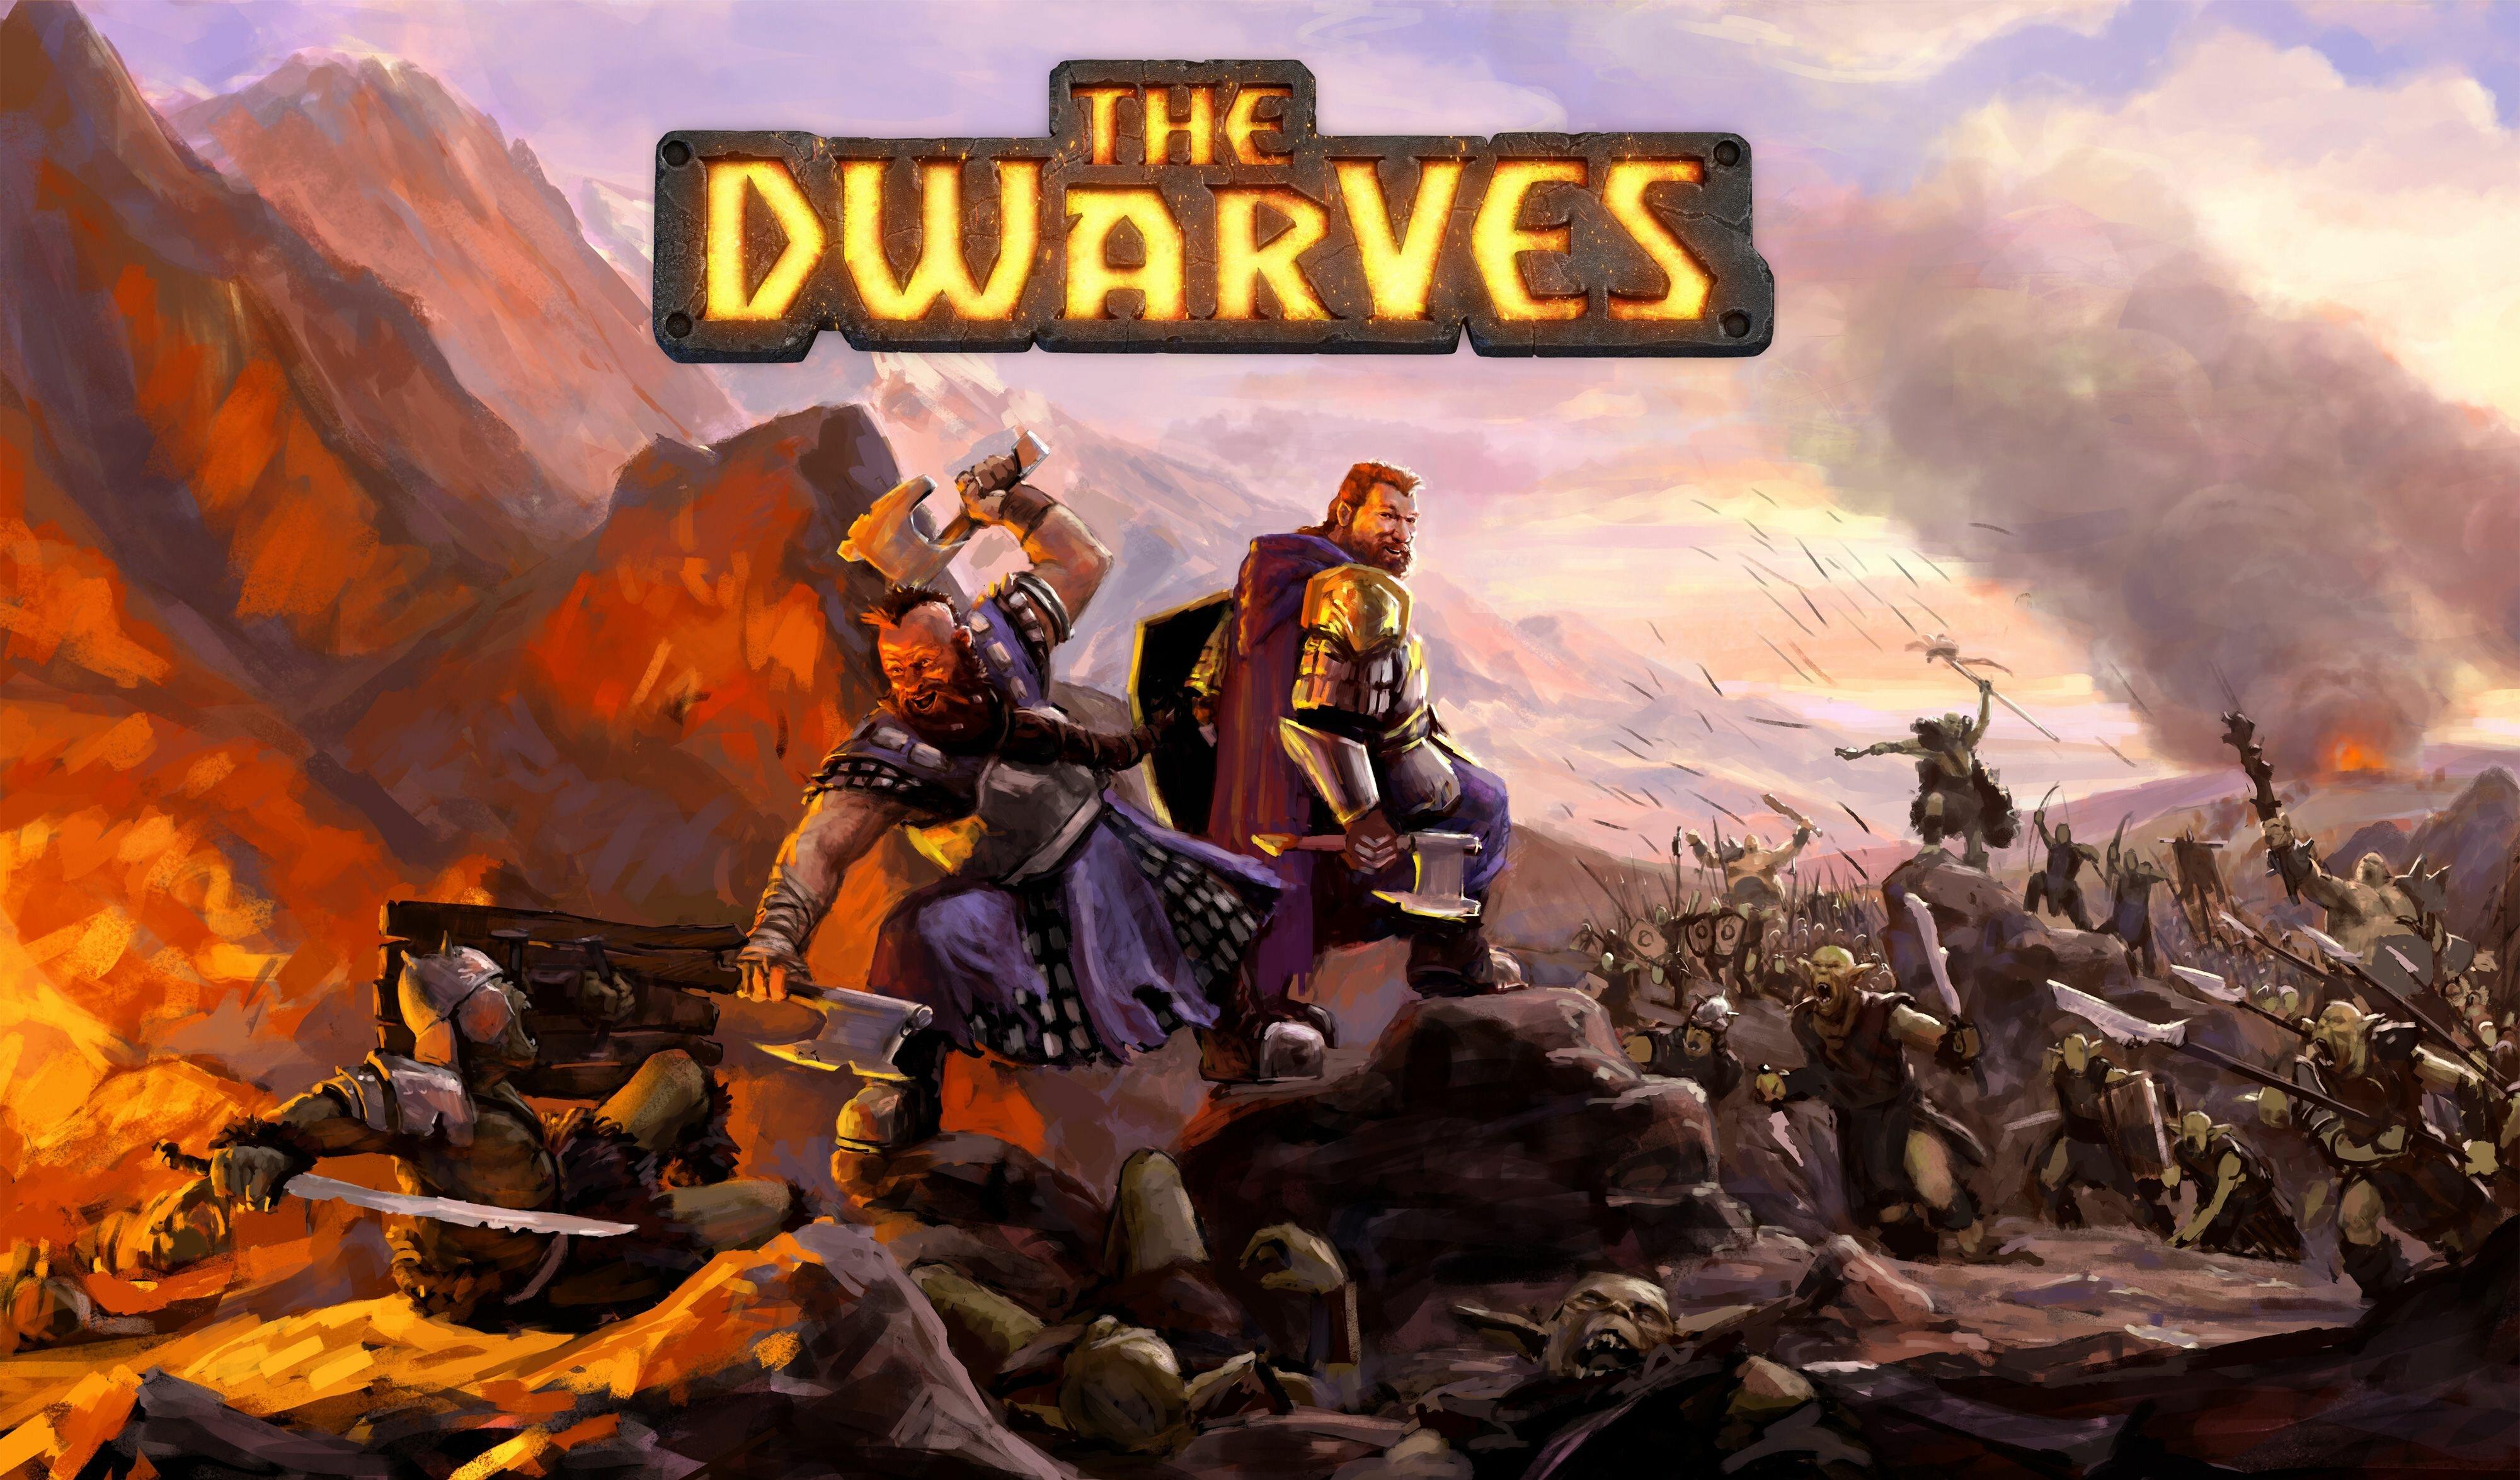 The Dwarves Resmi Türkçe Yerelleştirme Projesi